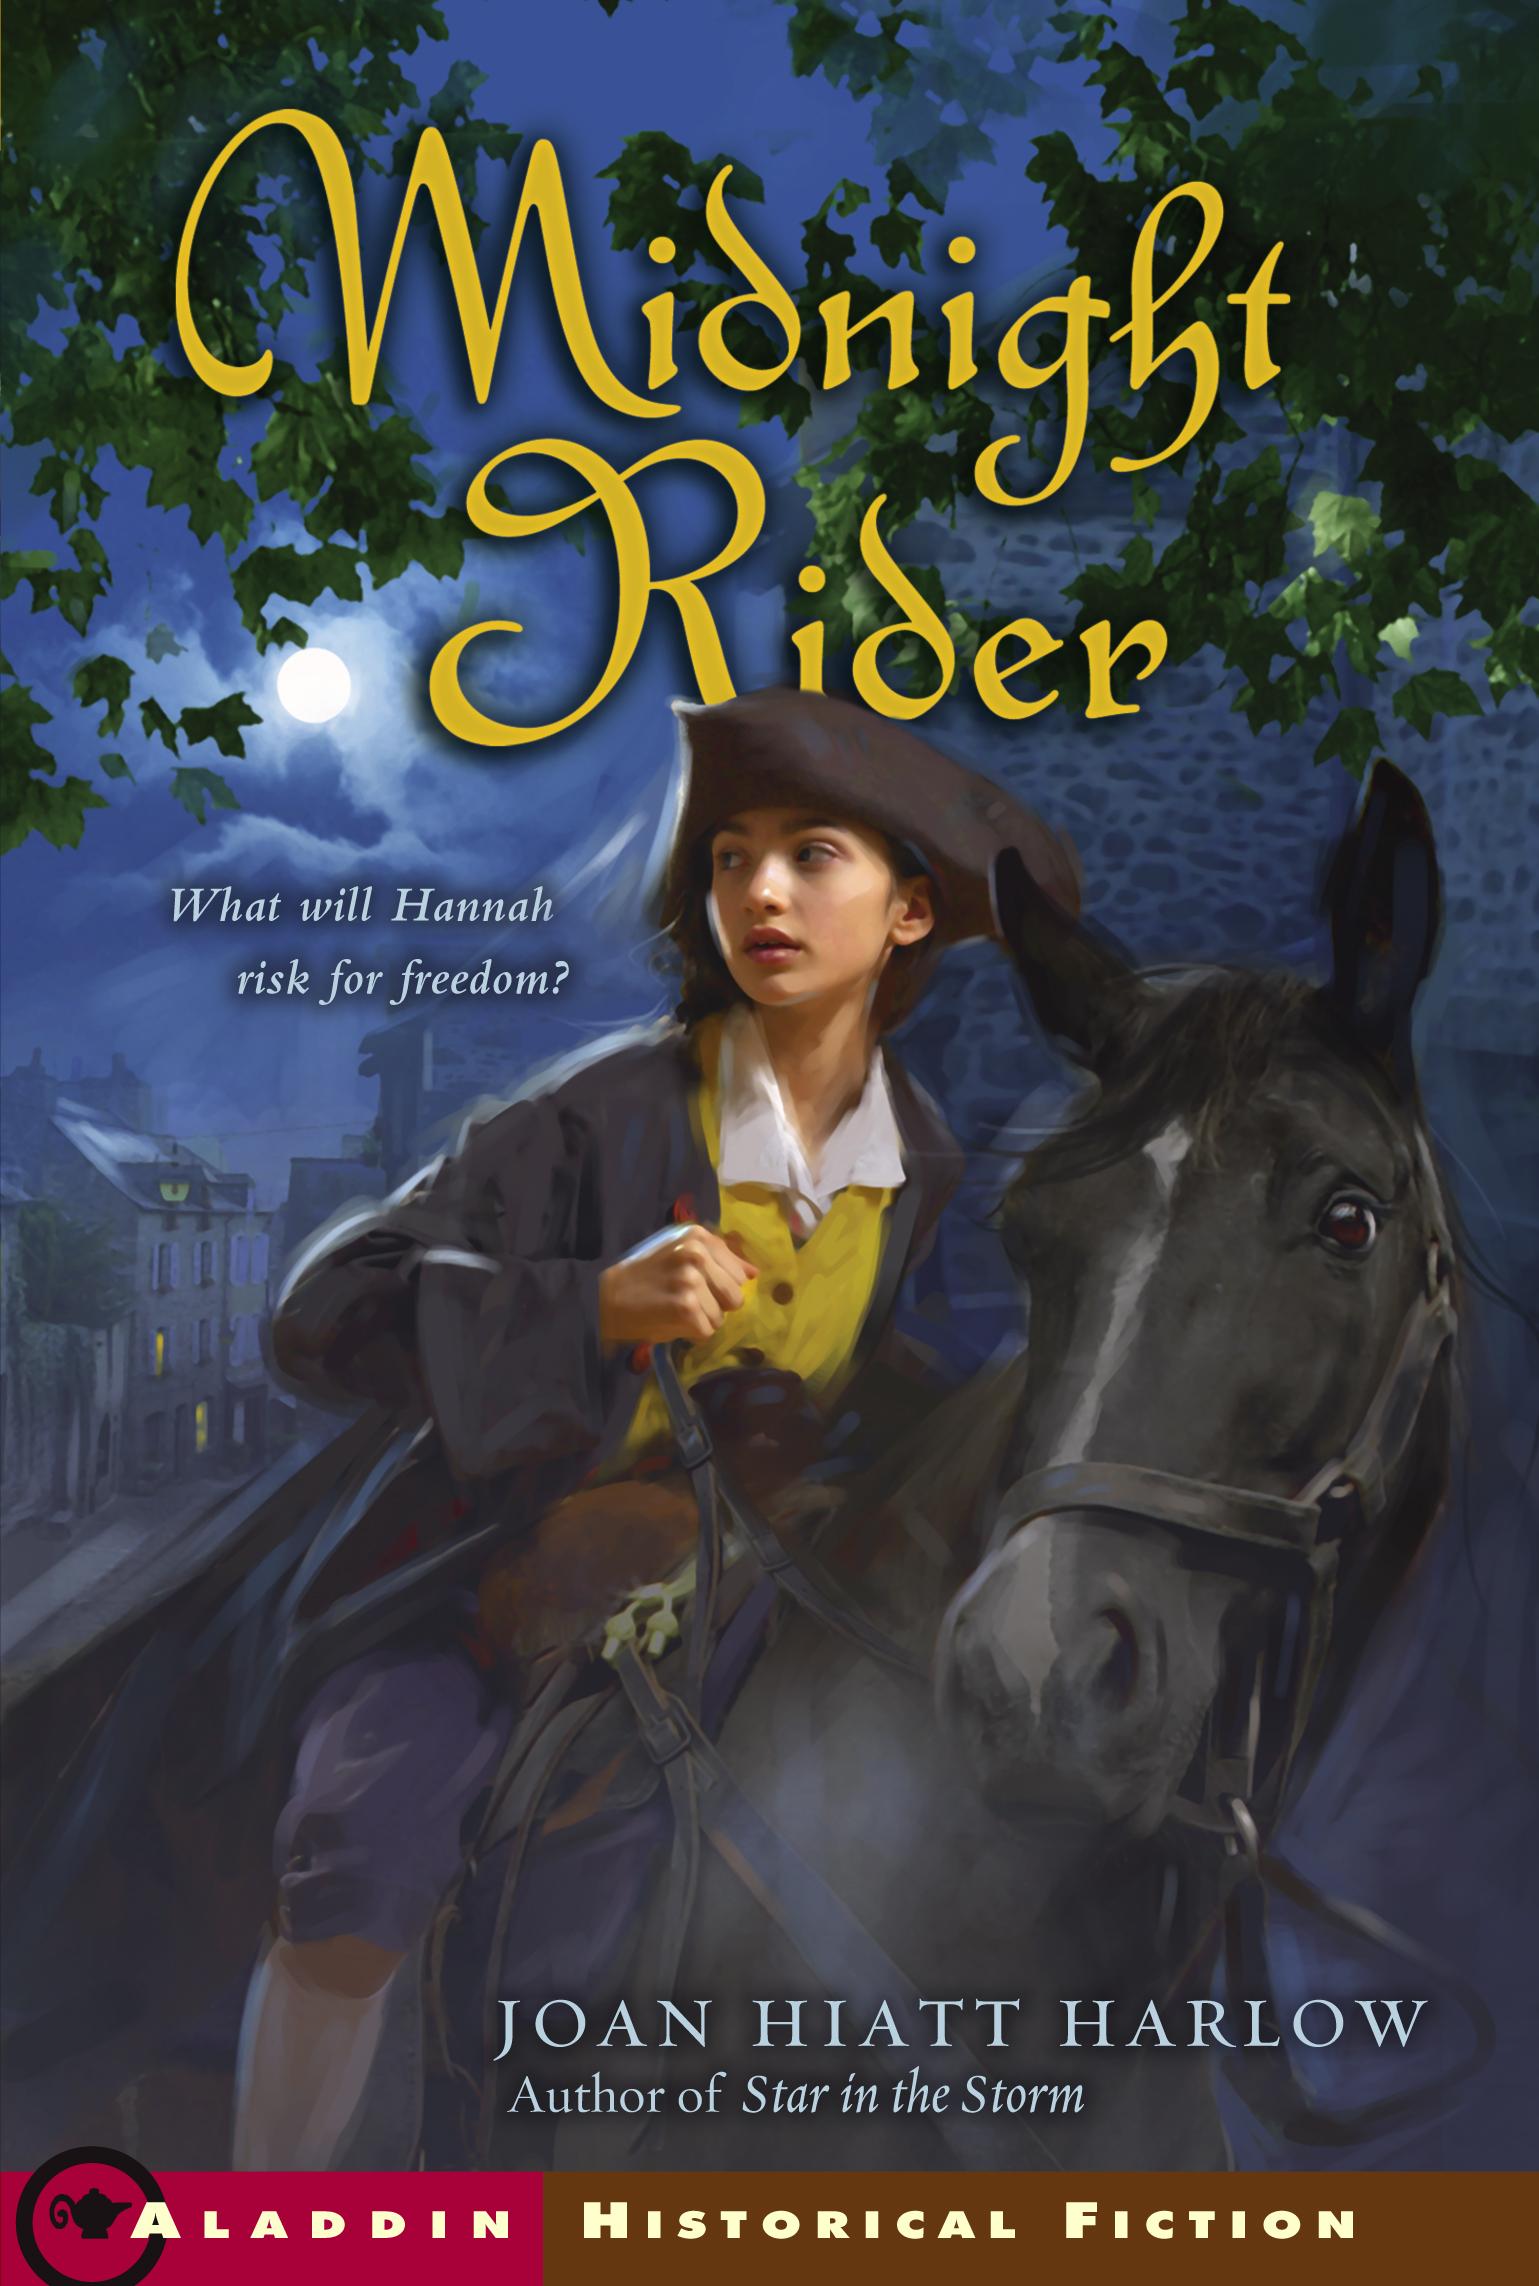 Midnight Rider | Book by Joan Hiatt Harlow | Official